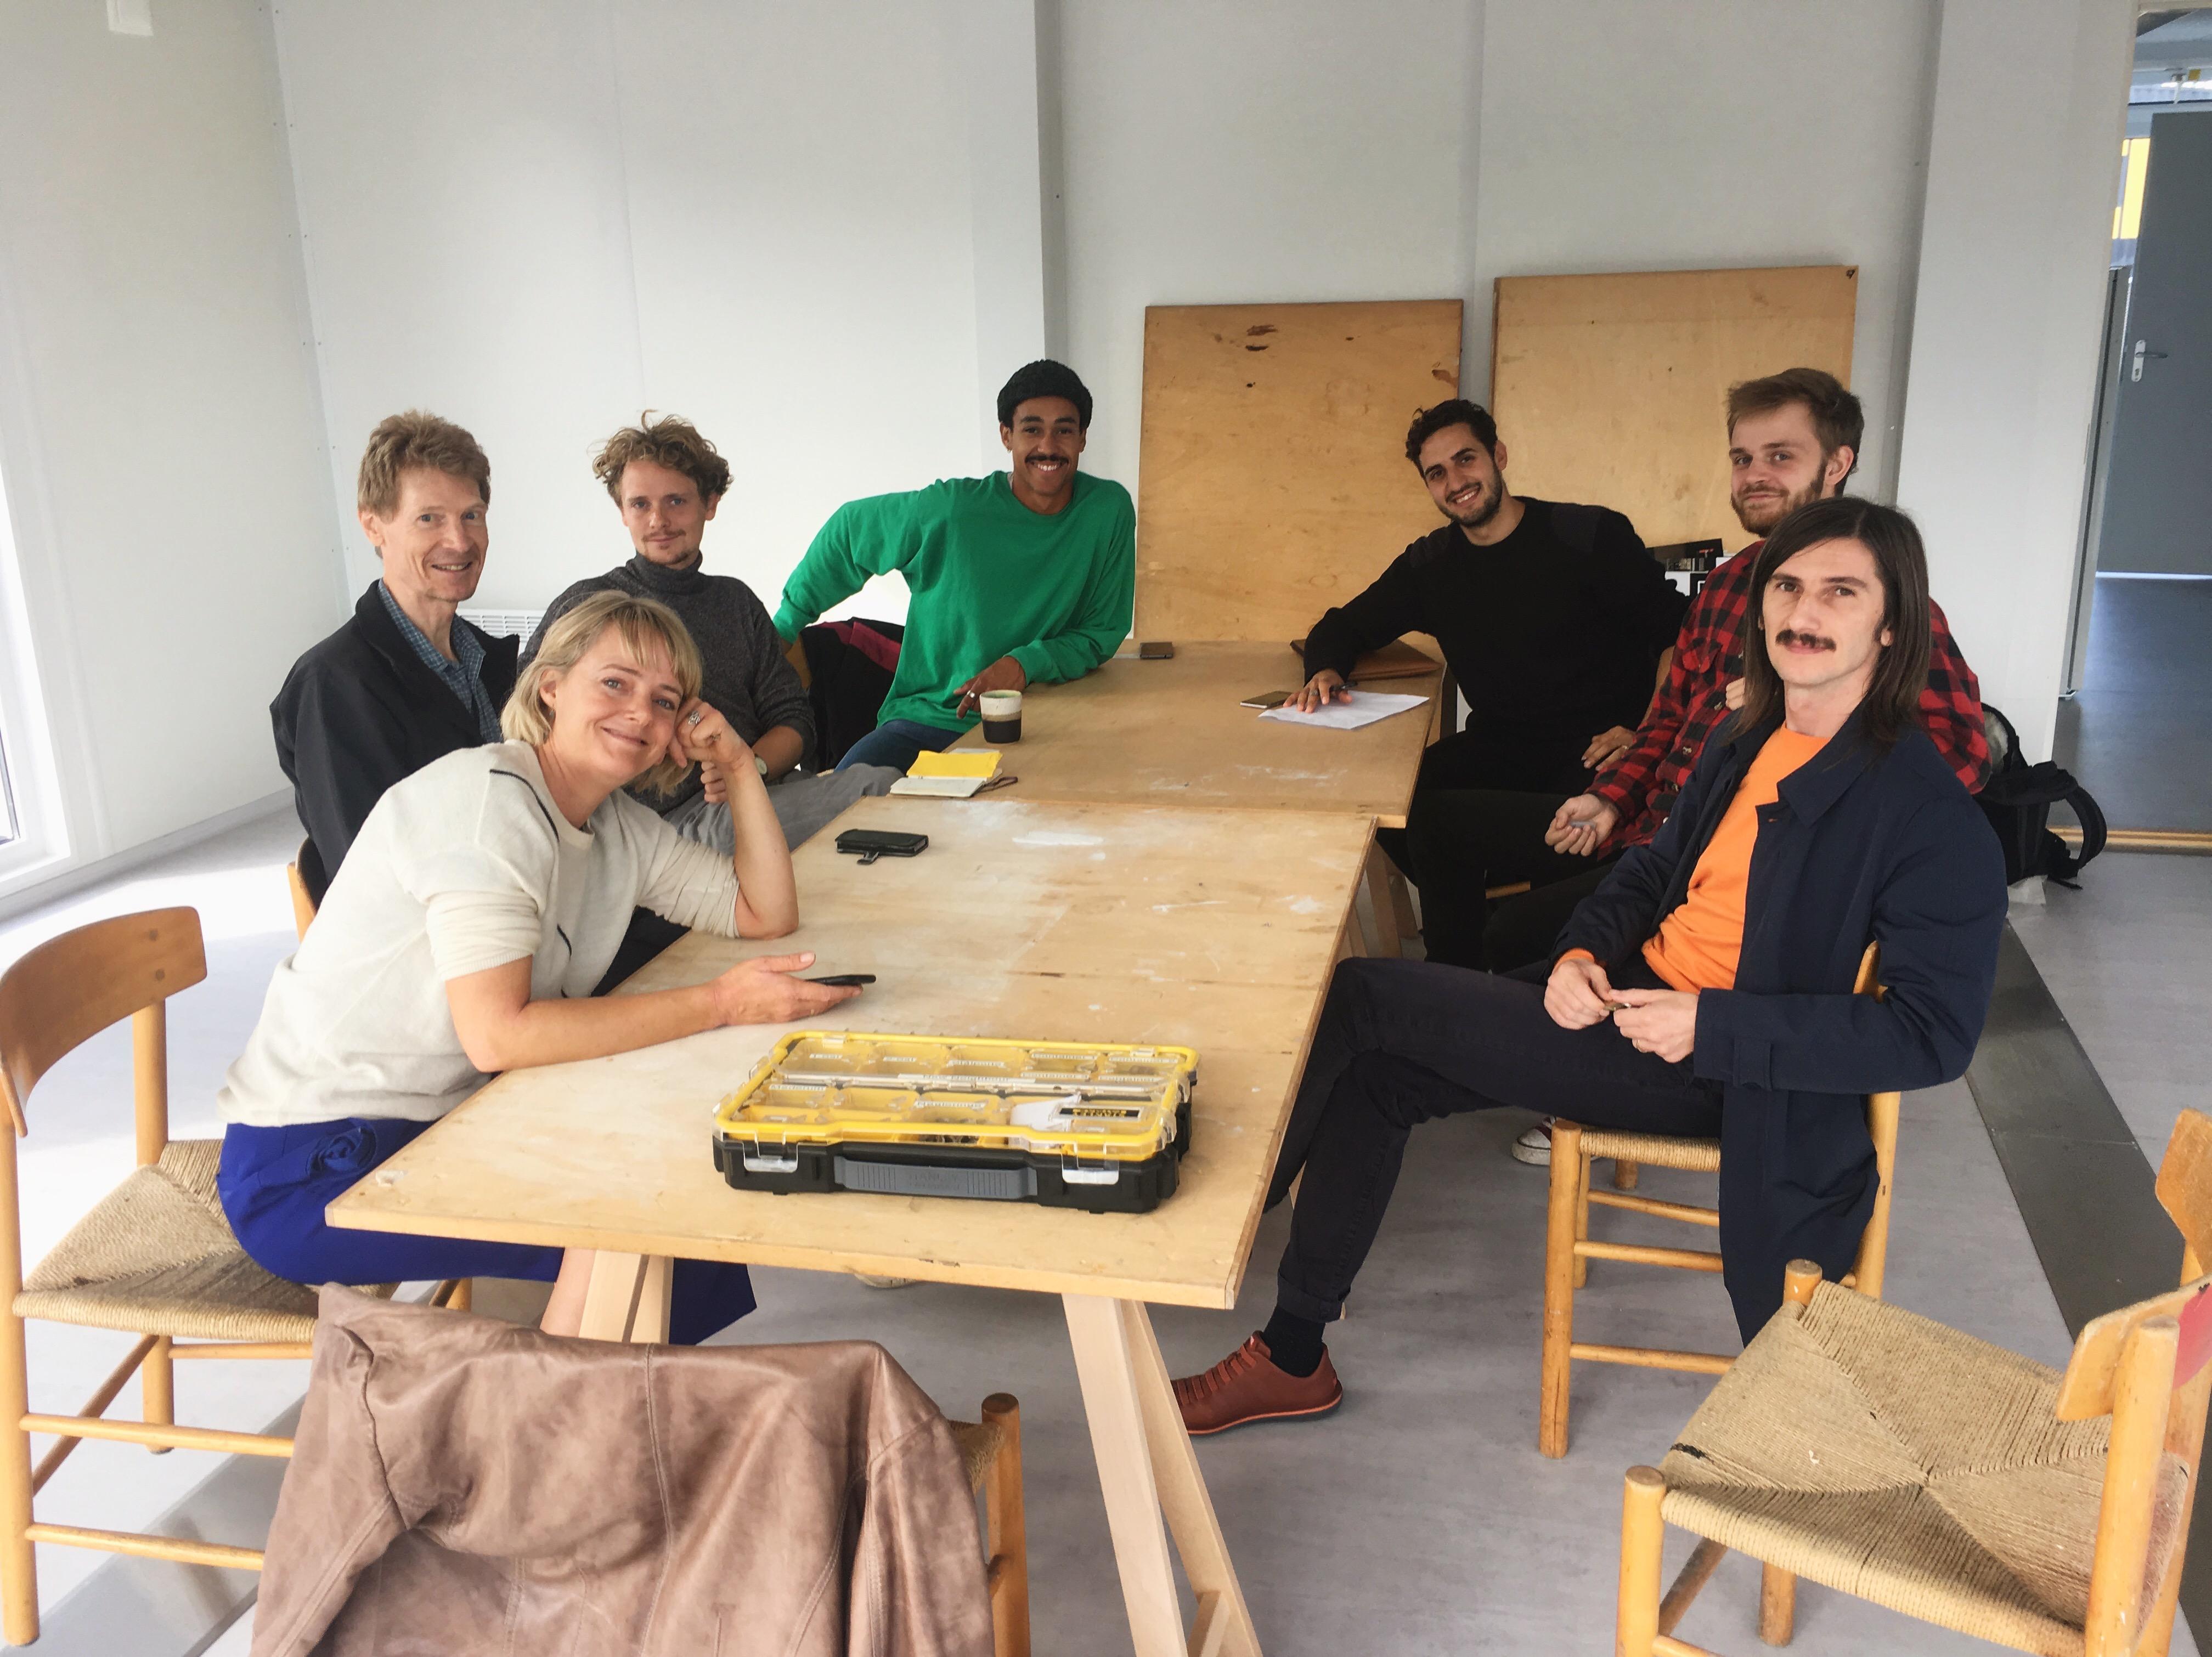 The New Neighbour office community, comprising Dearstudio ApS, Sociale Entreprenører i Danmark, Det Turkise Telt and Office U67